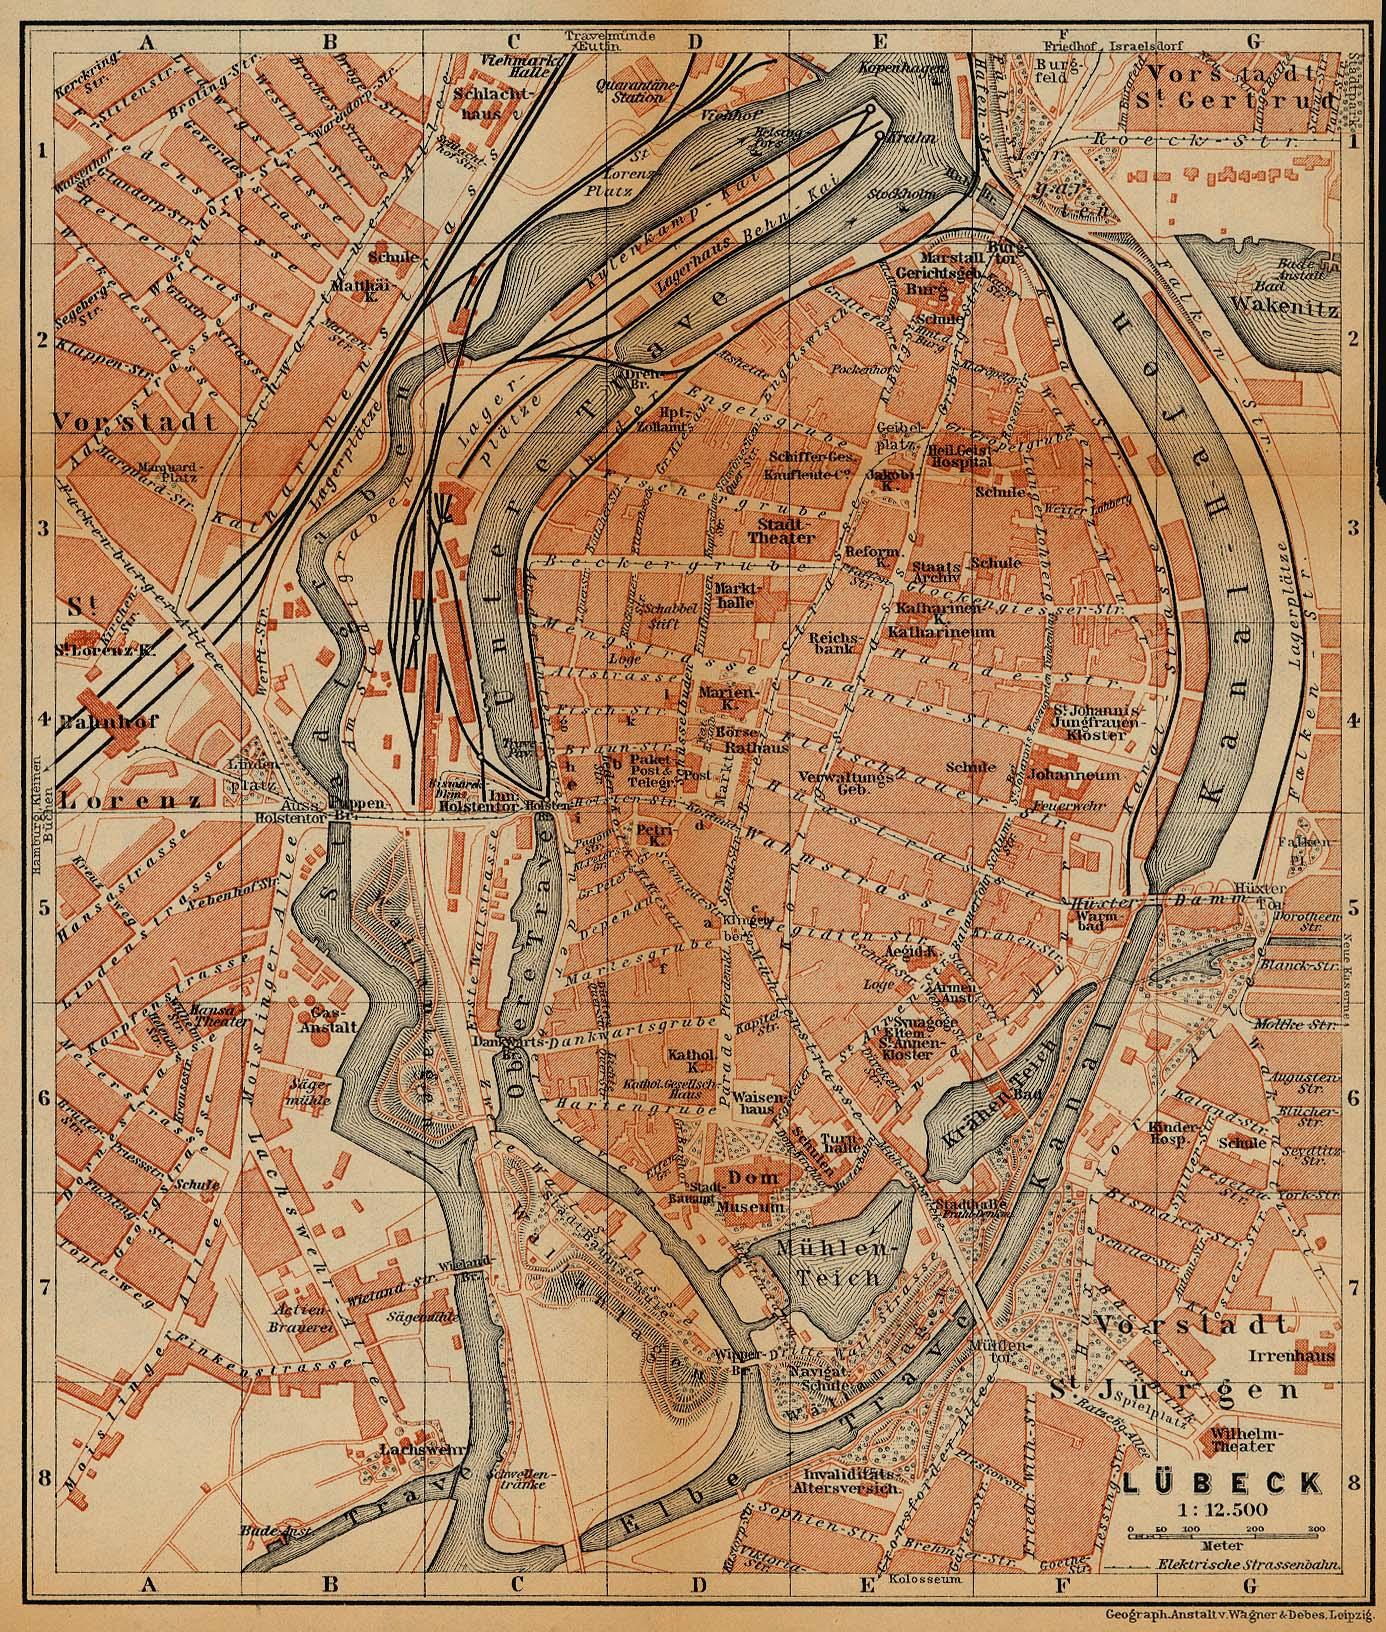 Mapa de Lübeck, Alemania 1910